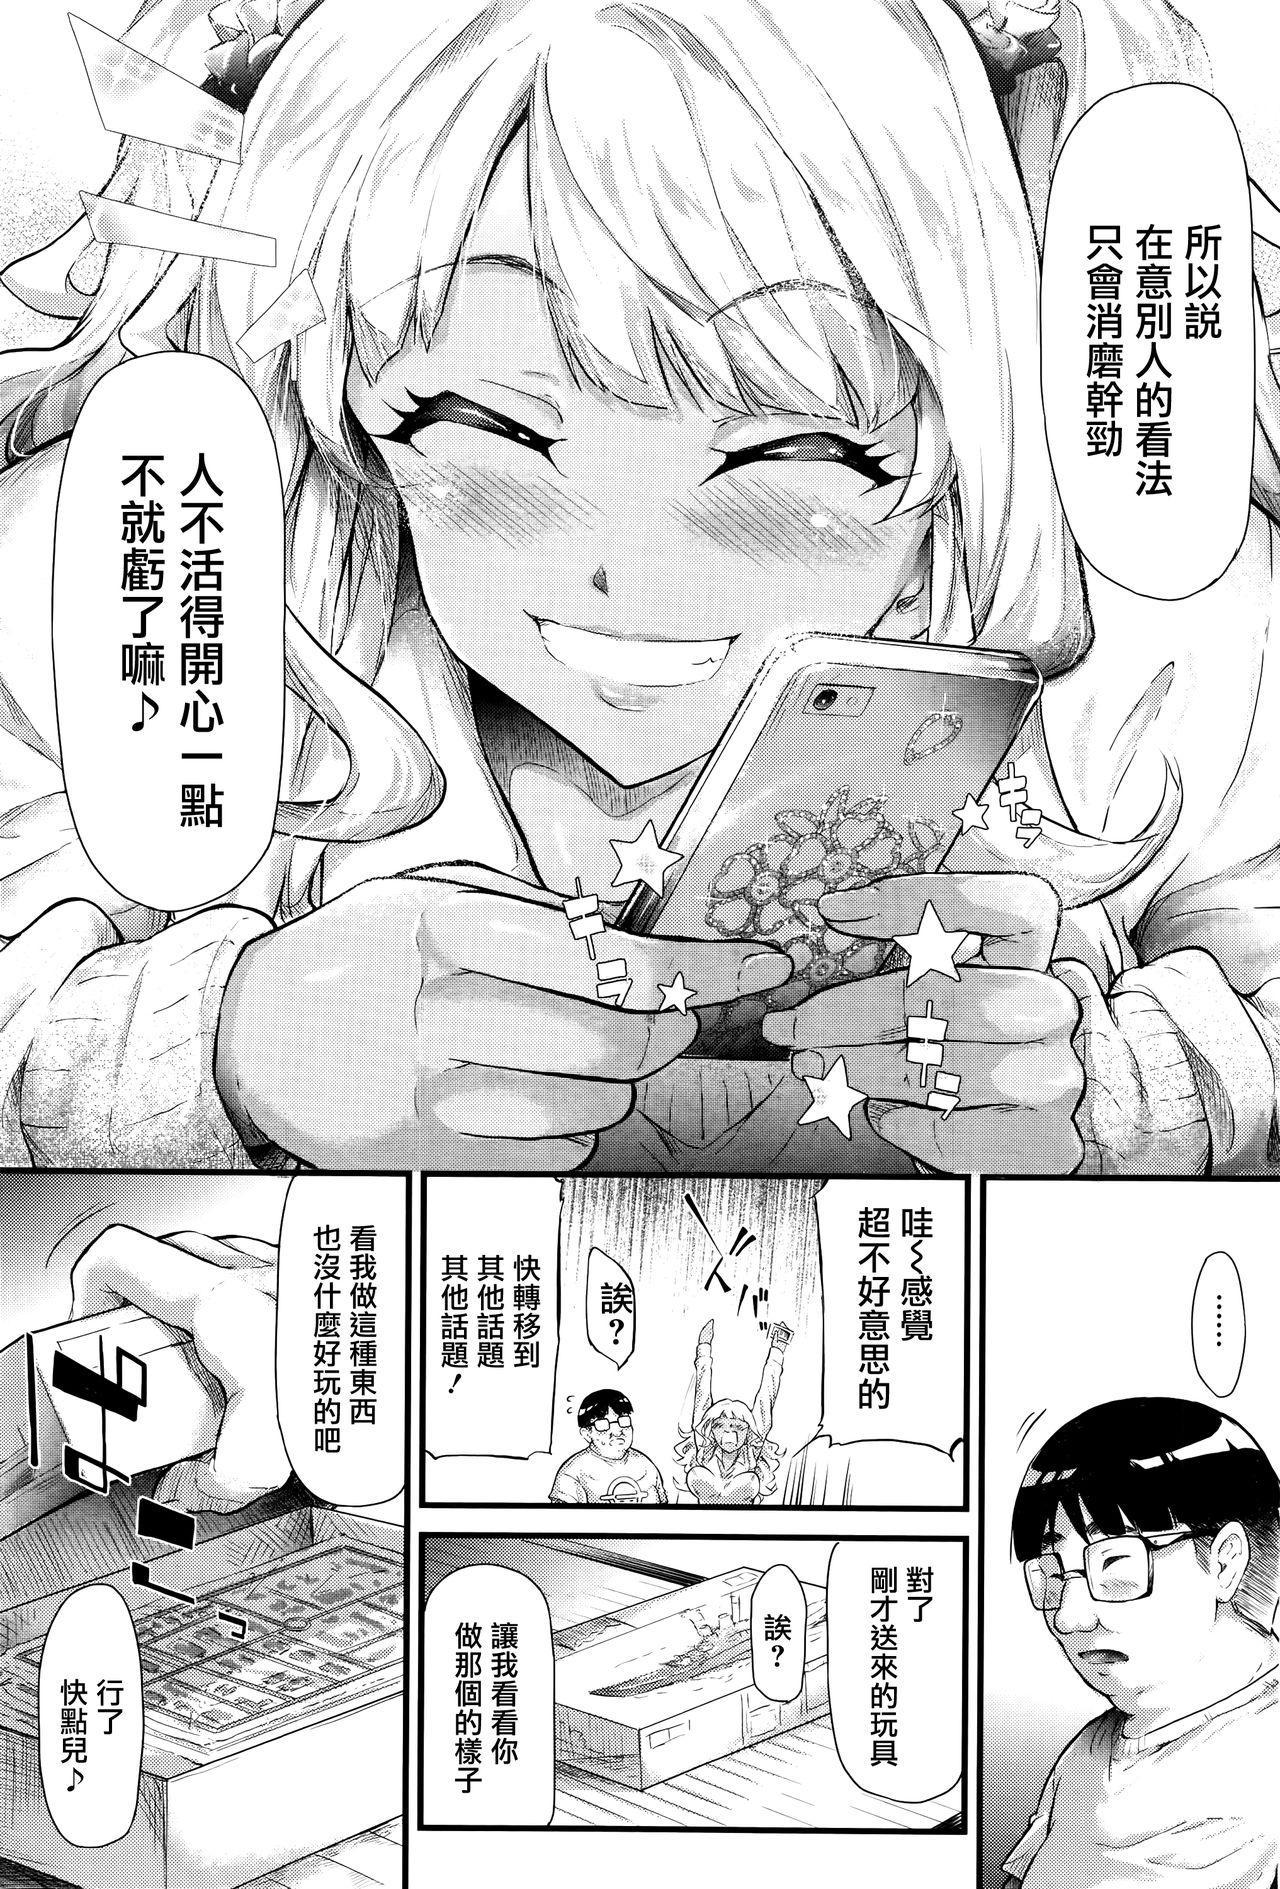 Gyaru to Tomodachi Hajimemashita - Become Friends with Gal 19